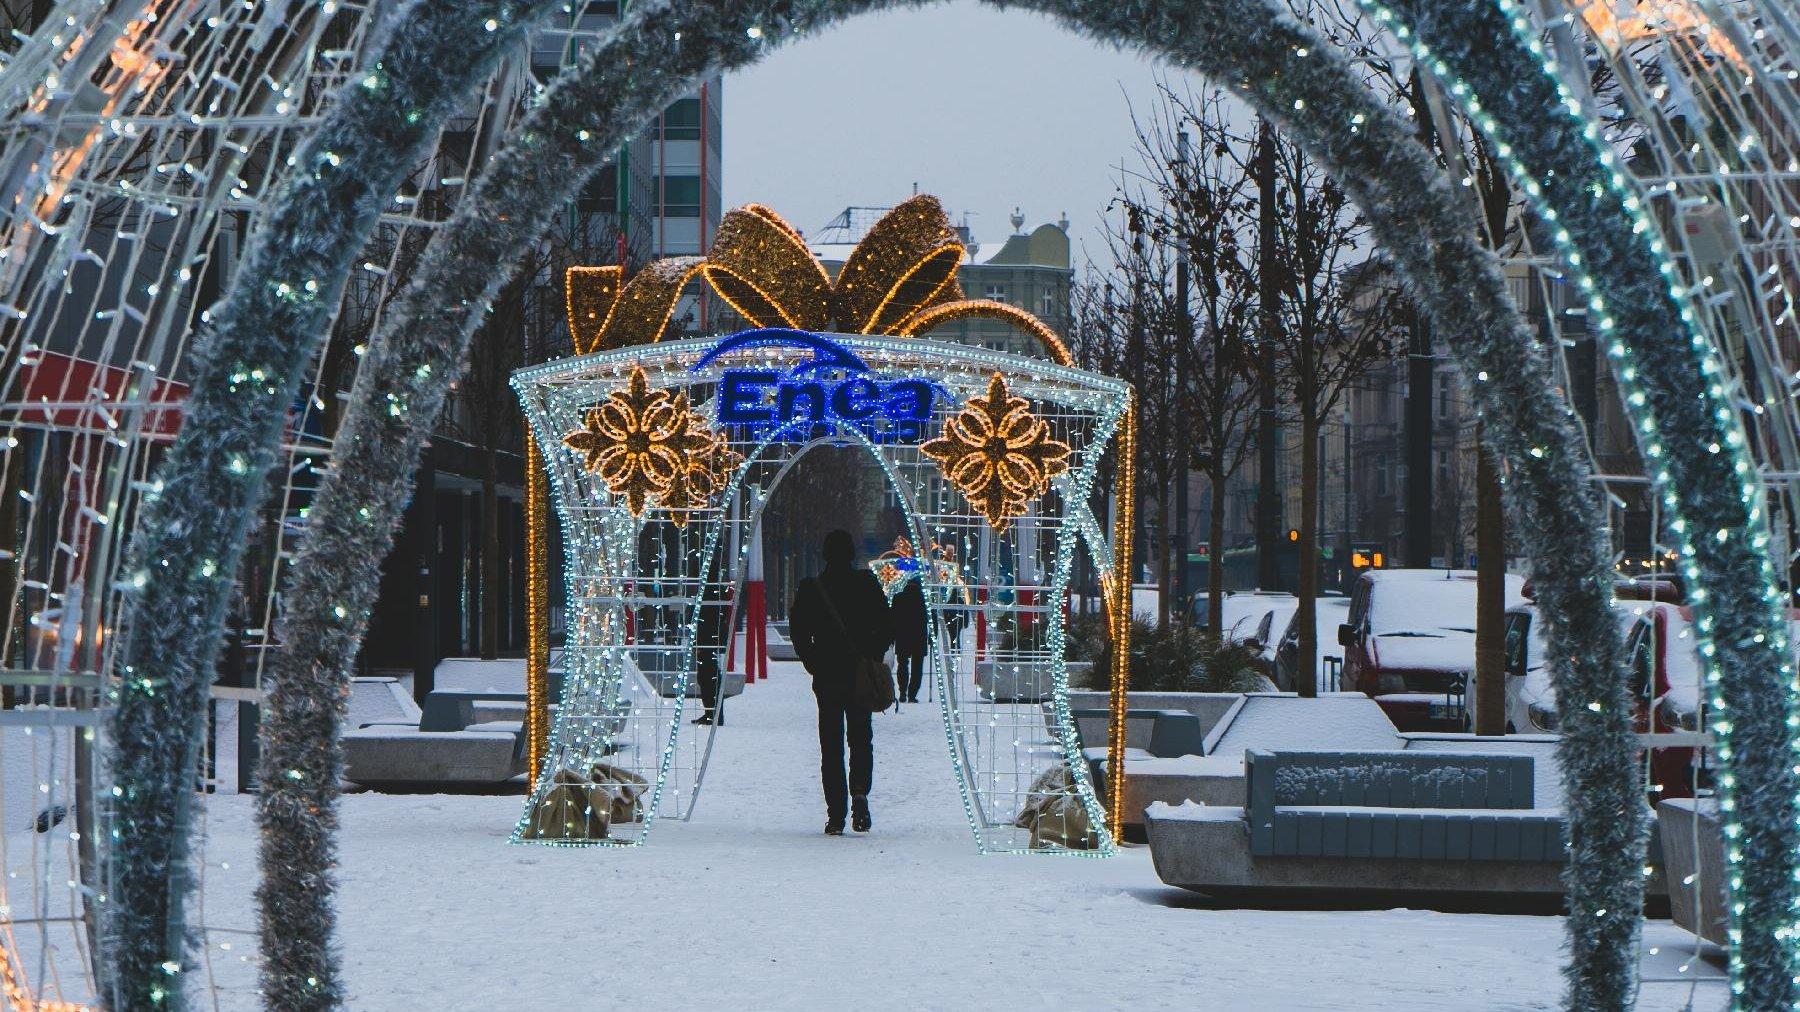 Na zdjęciu brama świetlna opleciona girlandami. - grafika artykułu